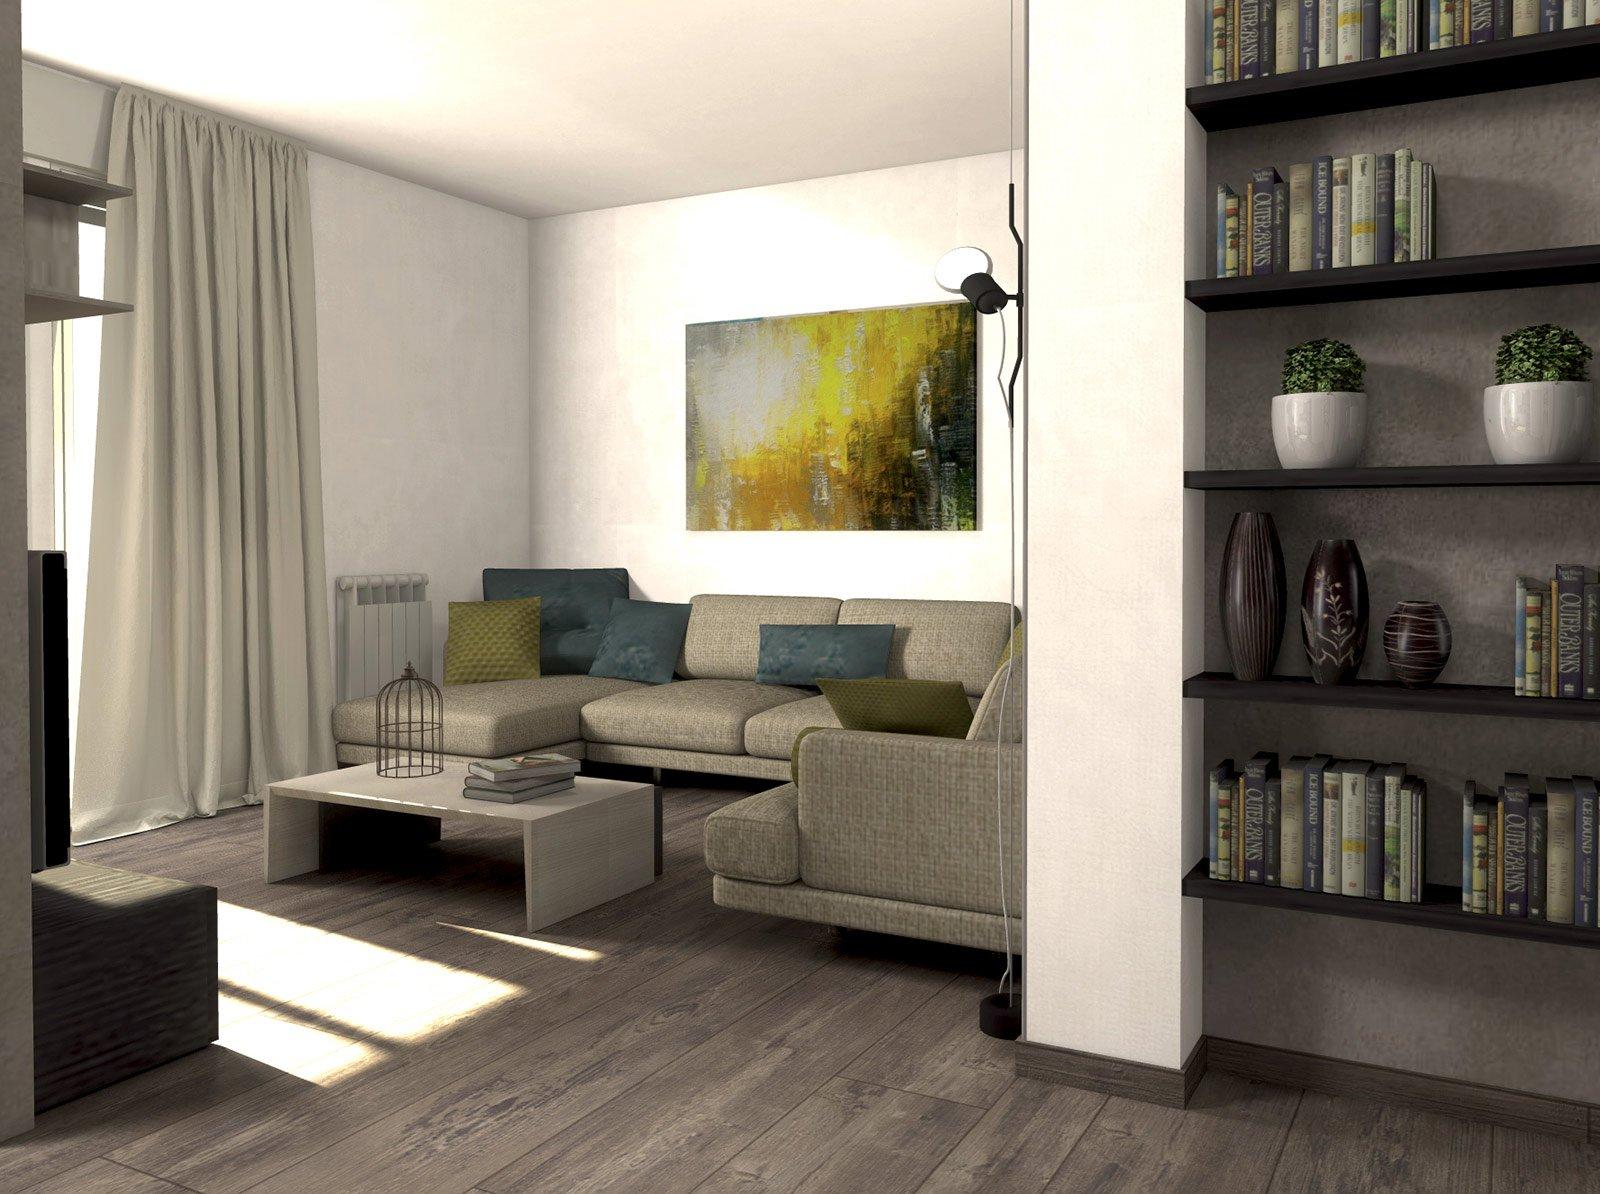 Da casa tradizionale ad abitazione moderna e attuale for Idee ingresso casa moderna